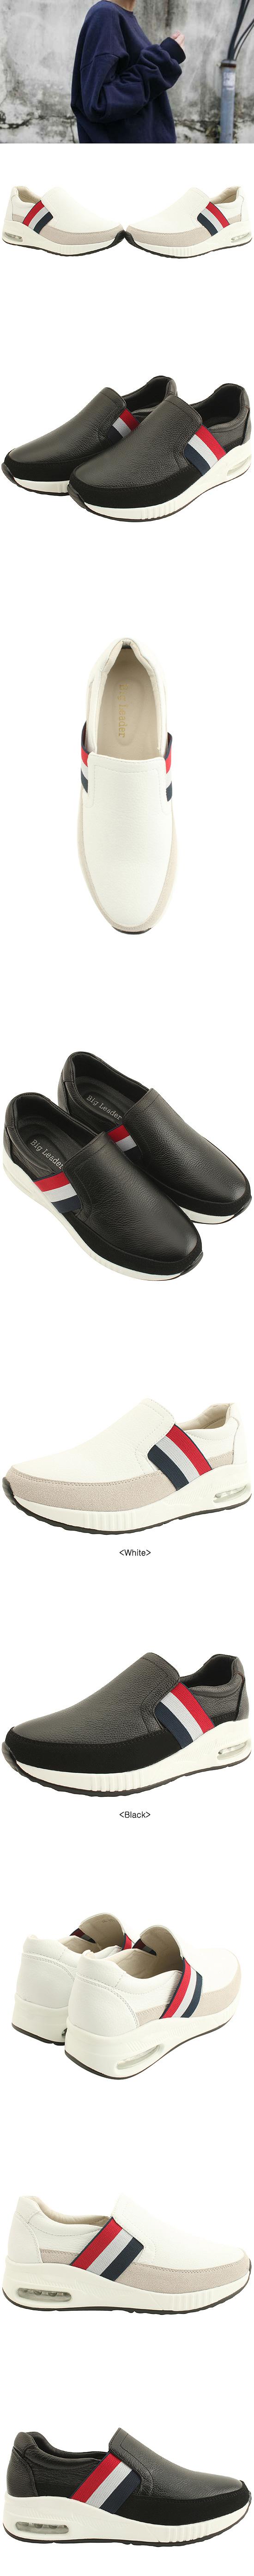 Cowhide Three-wire Banding Sneakers Black